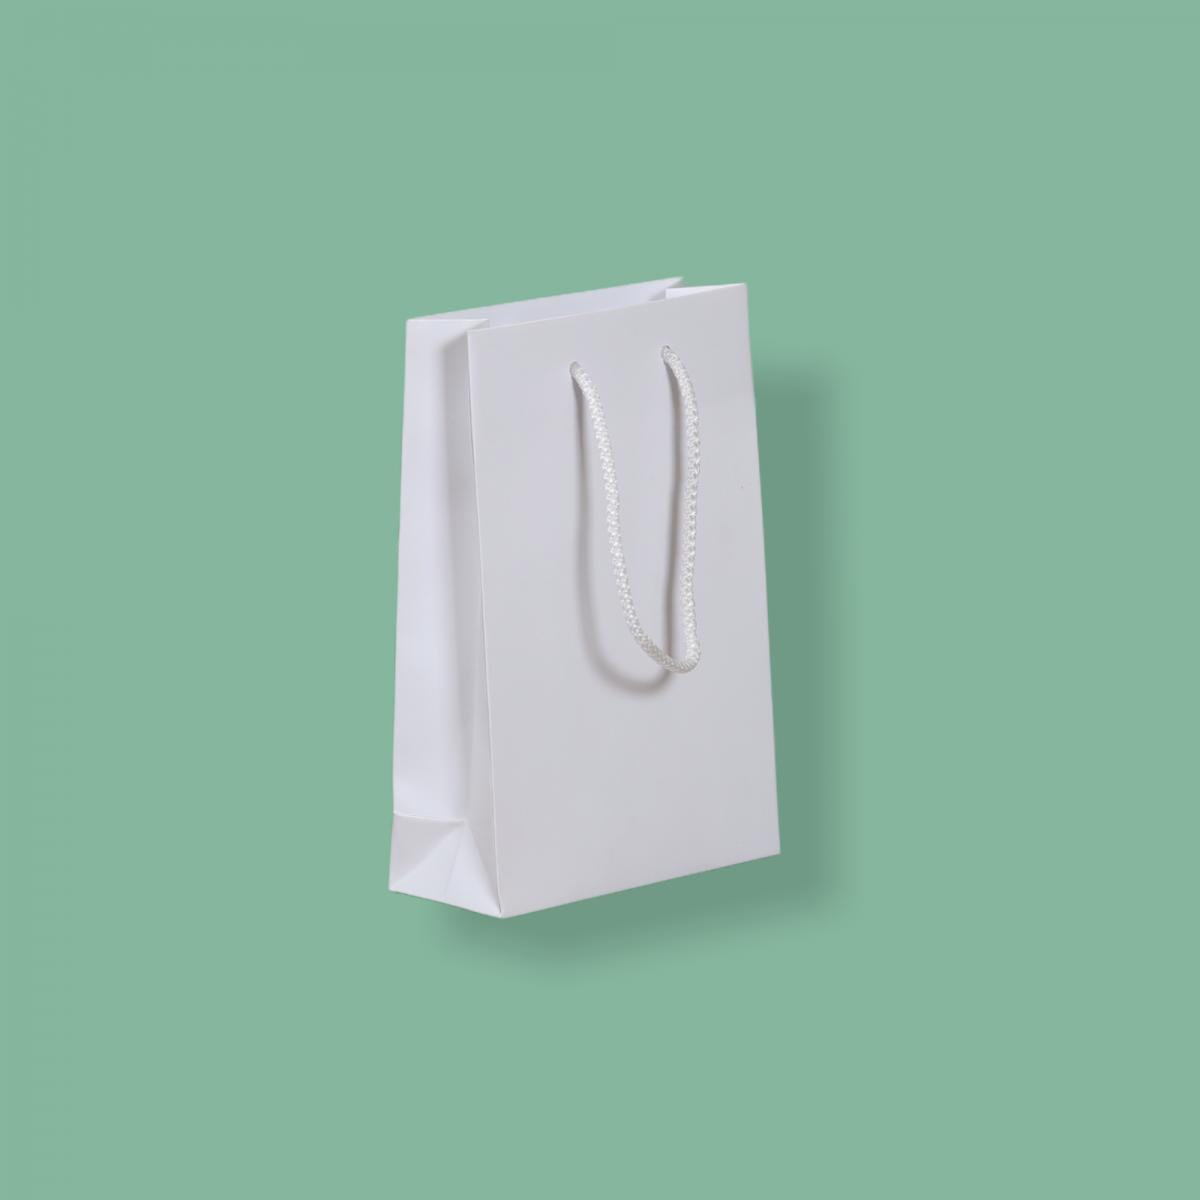 Zsinórfüles fehér simított kraft  24 x 35 + 10 cm